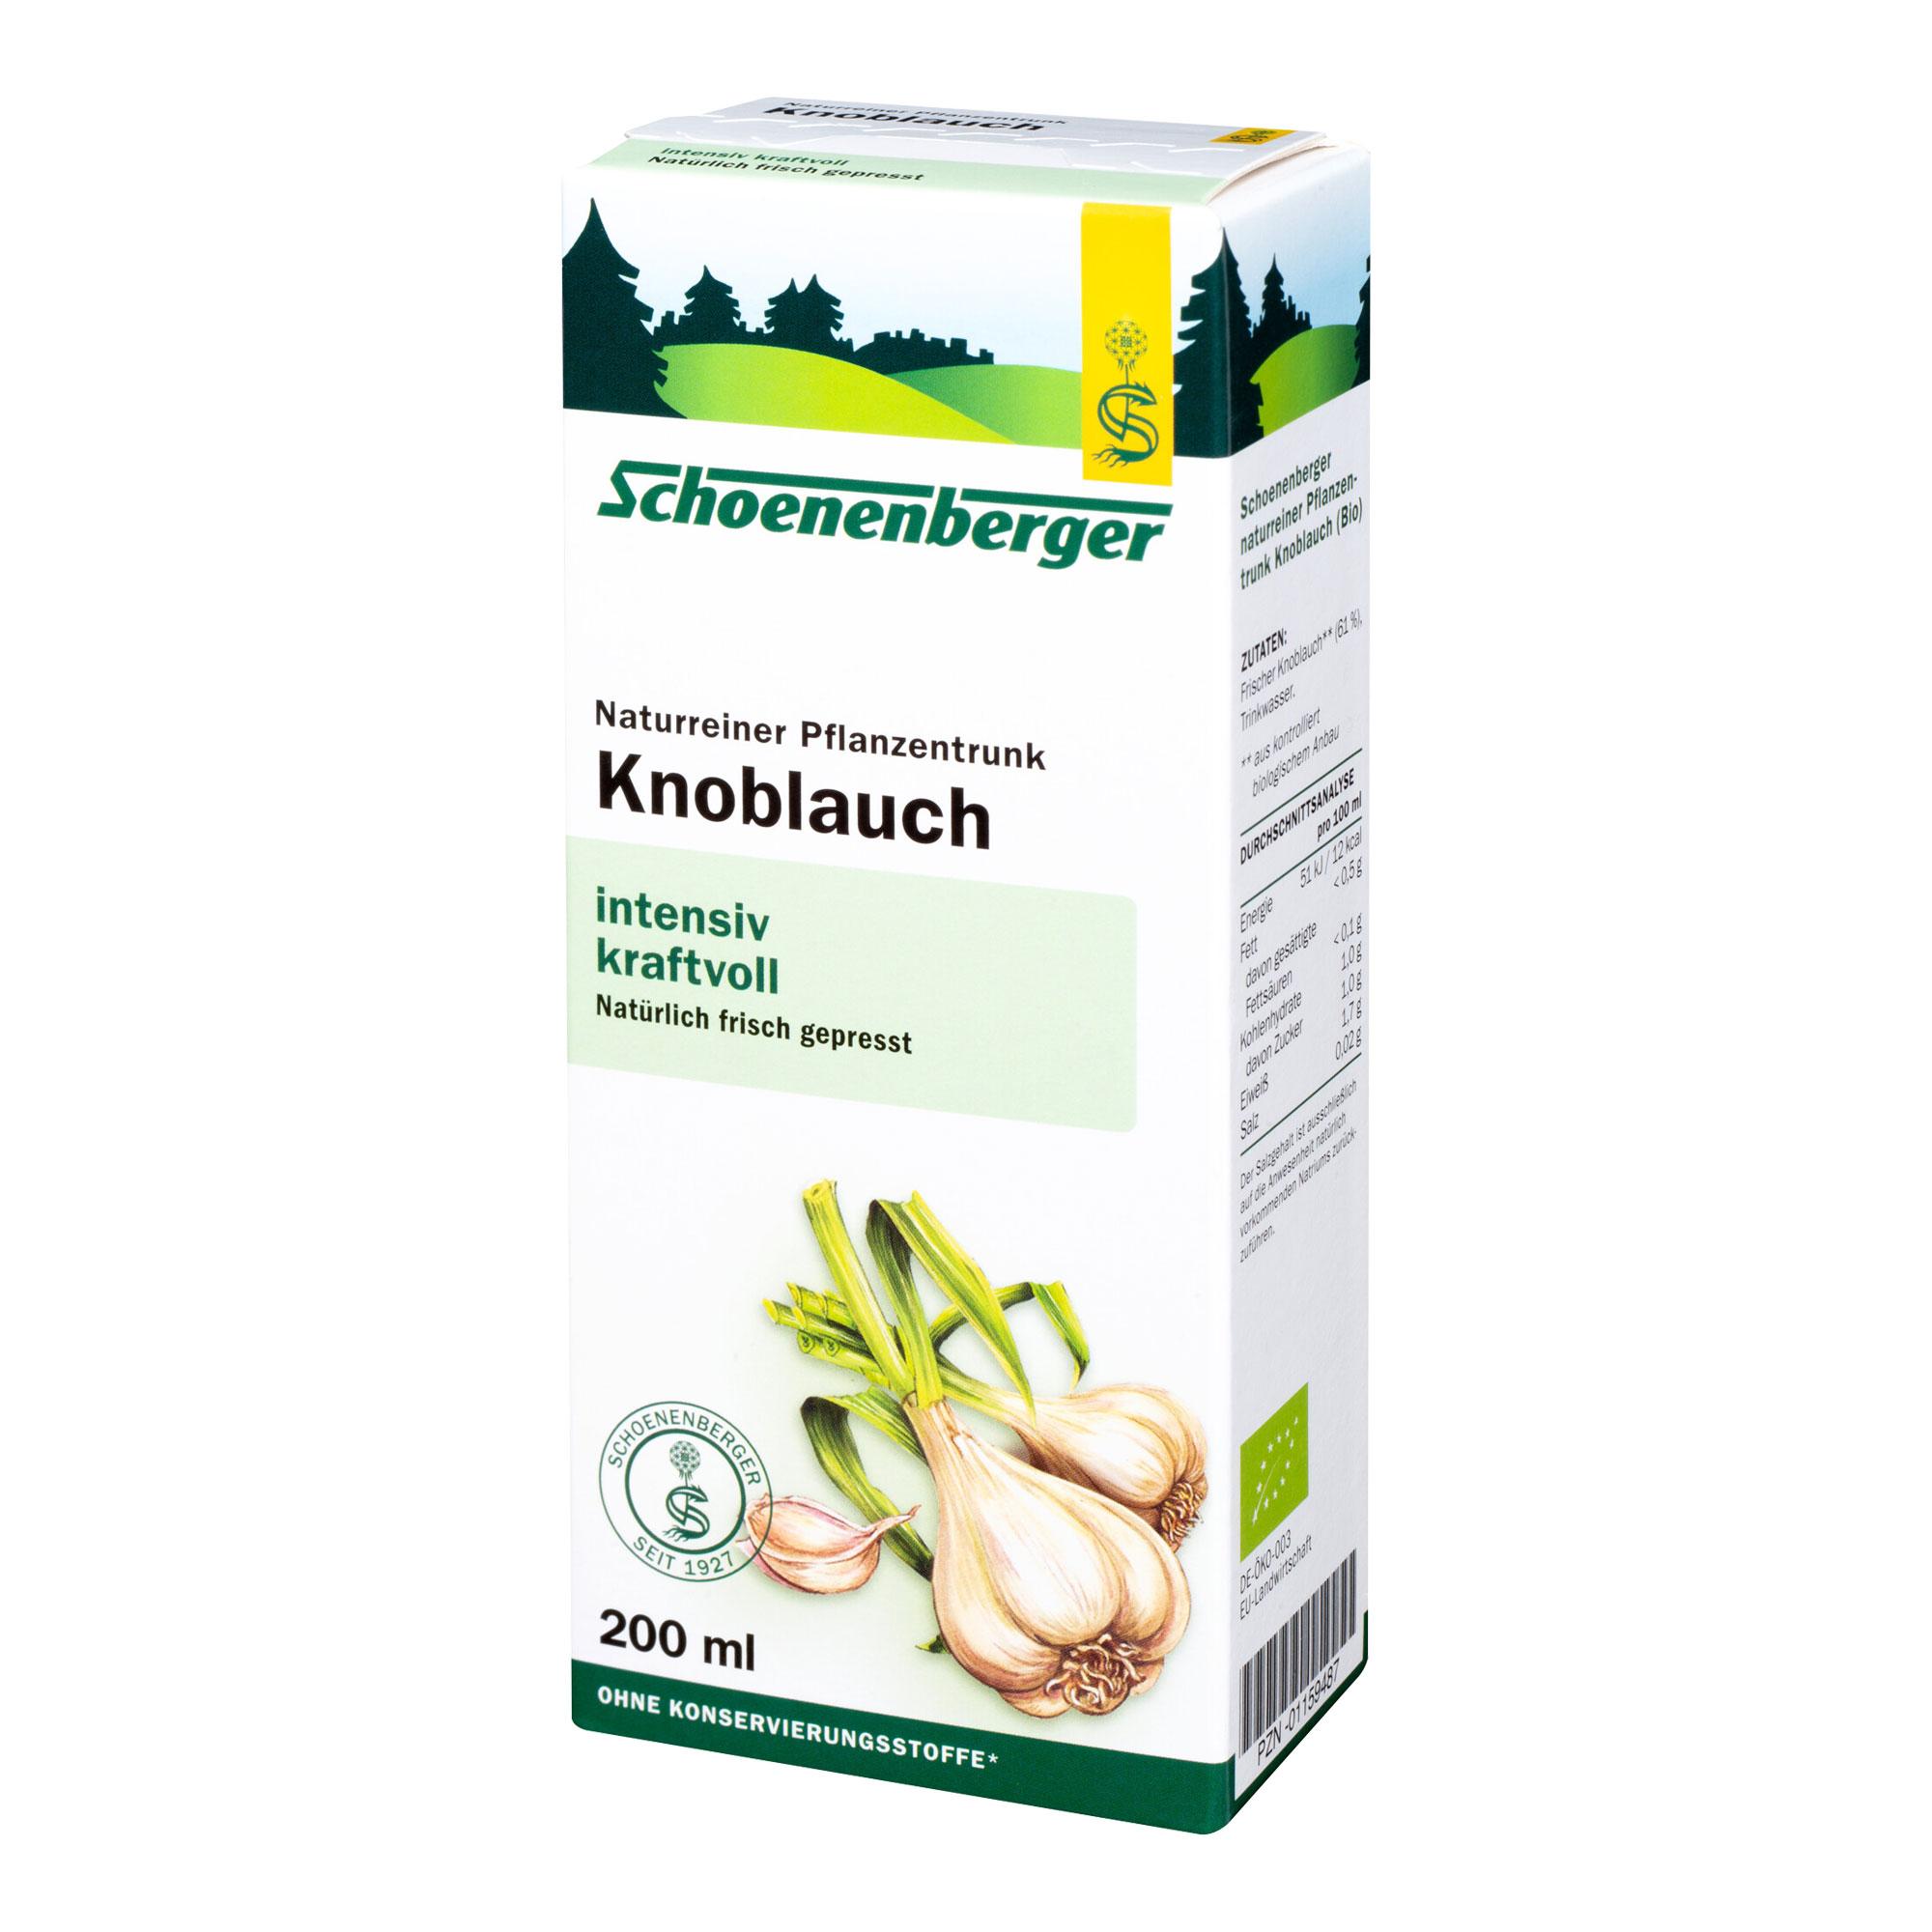 Knoblauch naturreiner Pflanzentrunk Schoenenberger